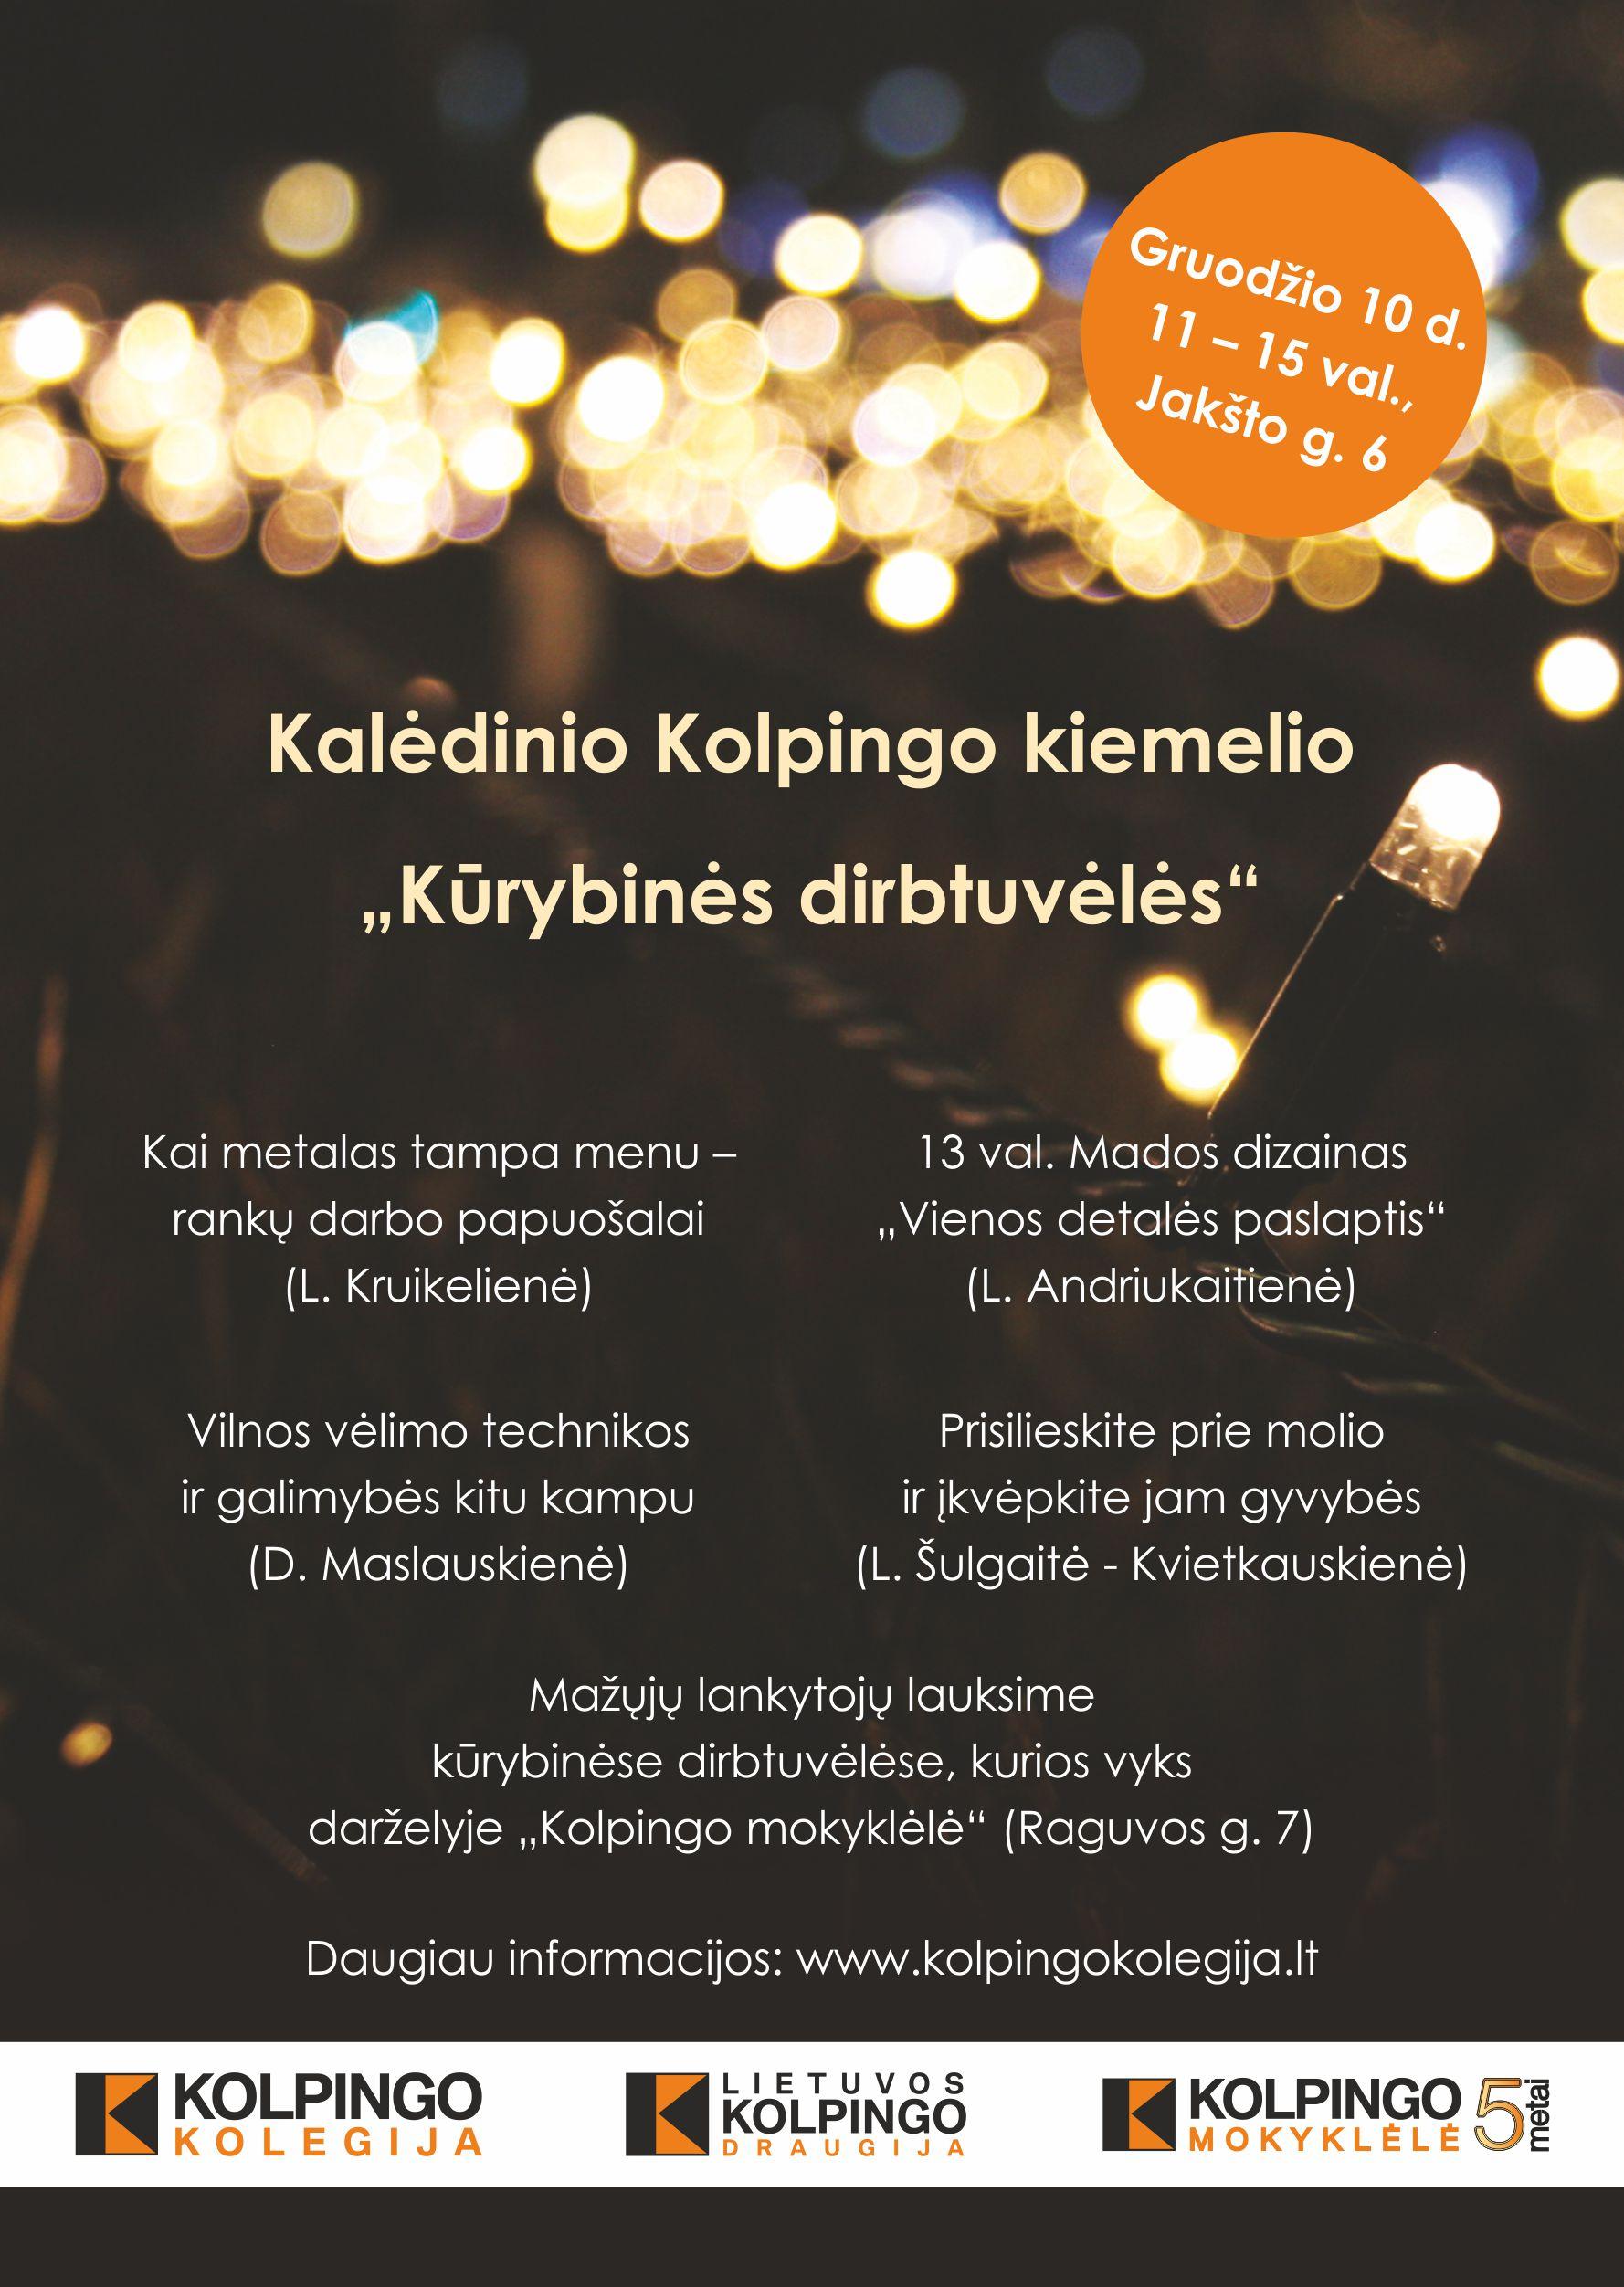 kolpingo-kolegija_plakatas-kaledinis